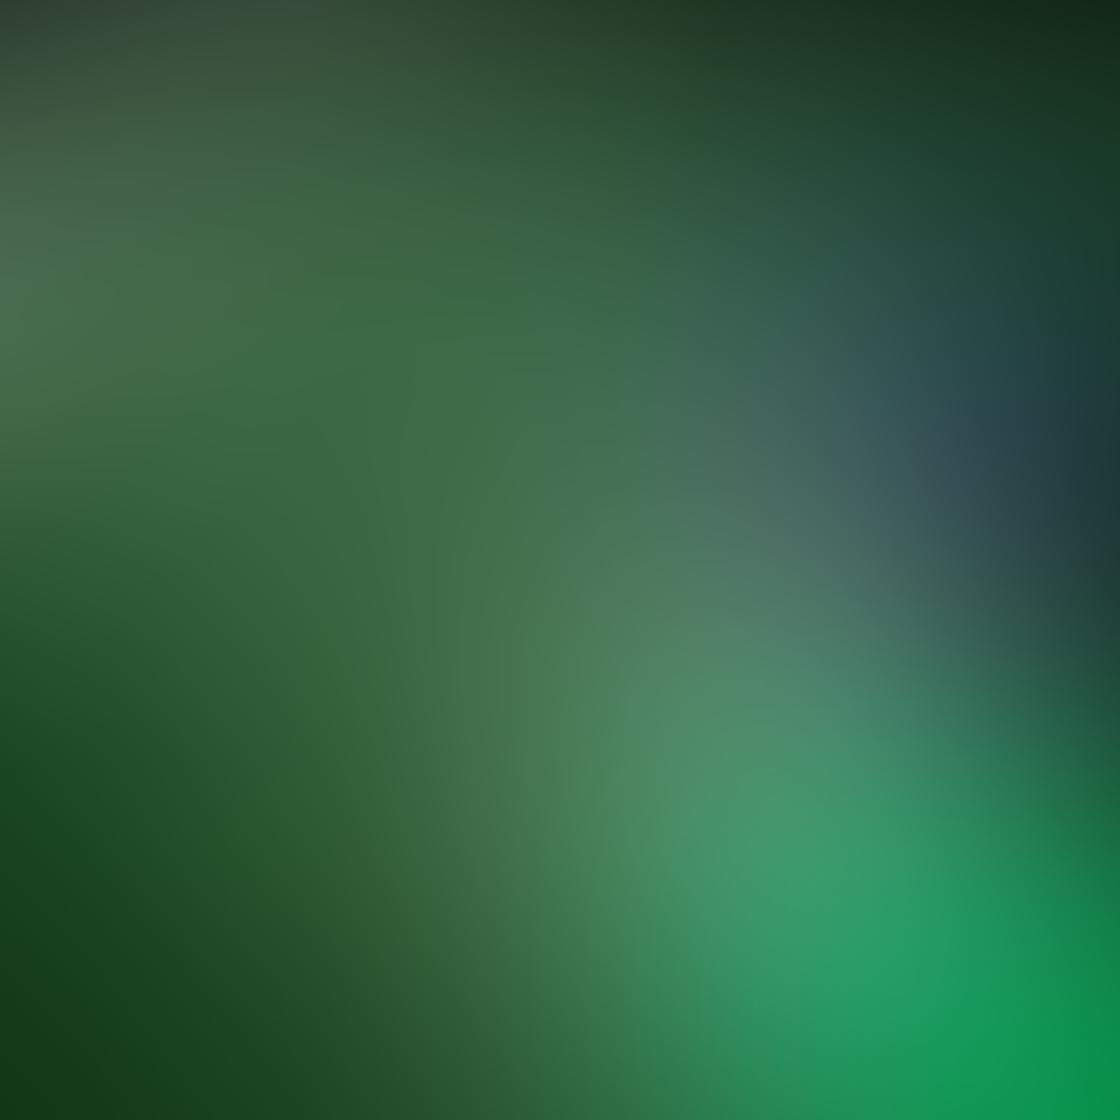 green_iphone_photos-09